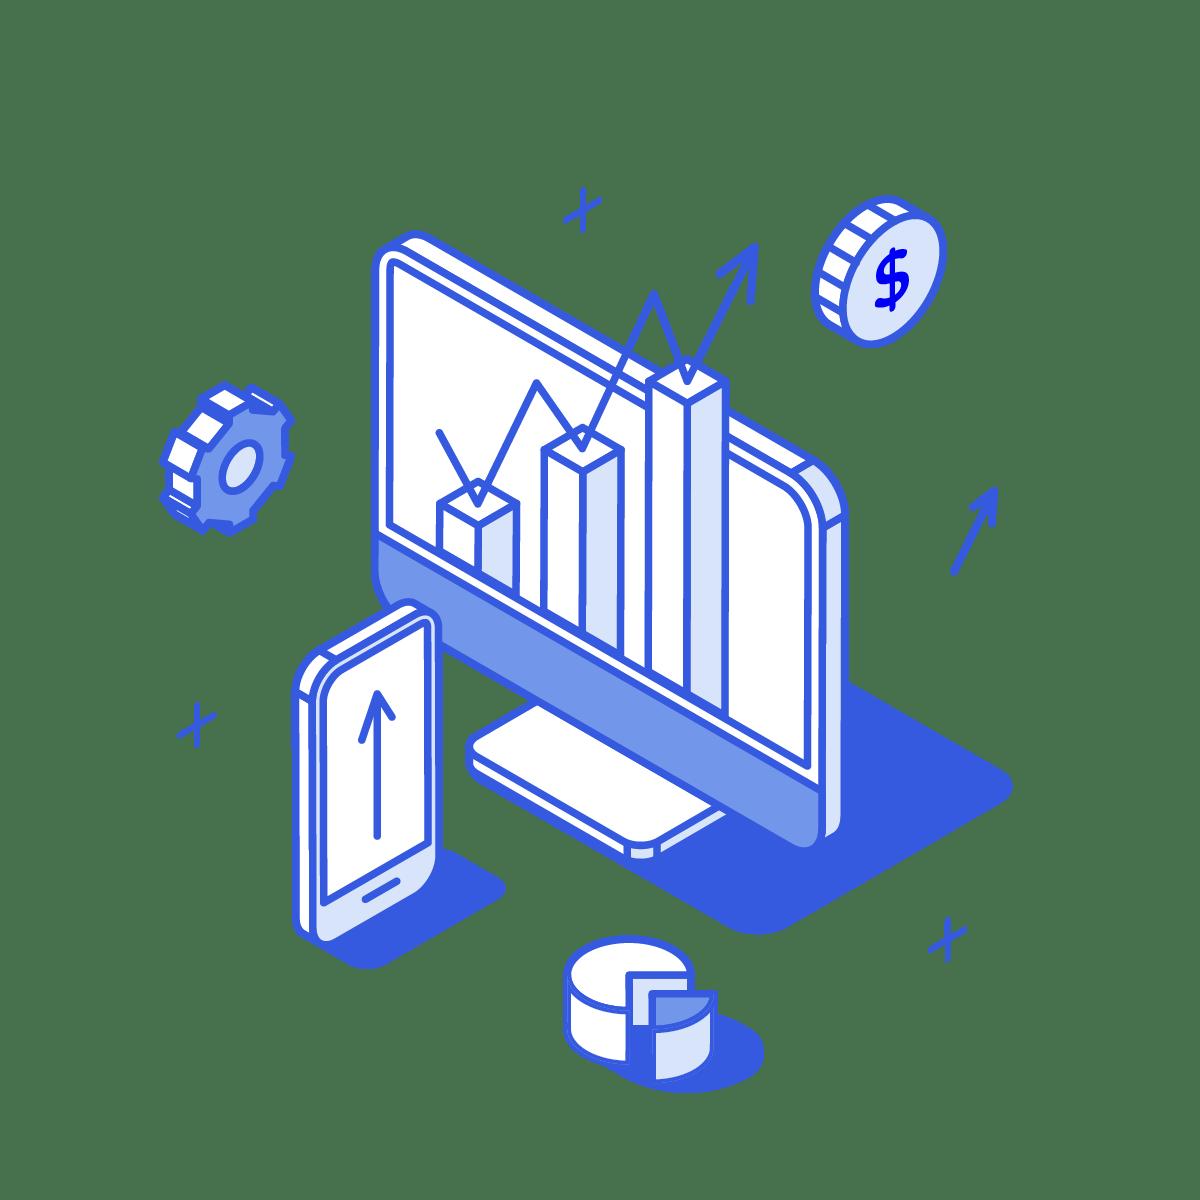 網站流量分析月度報告